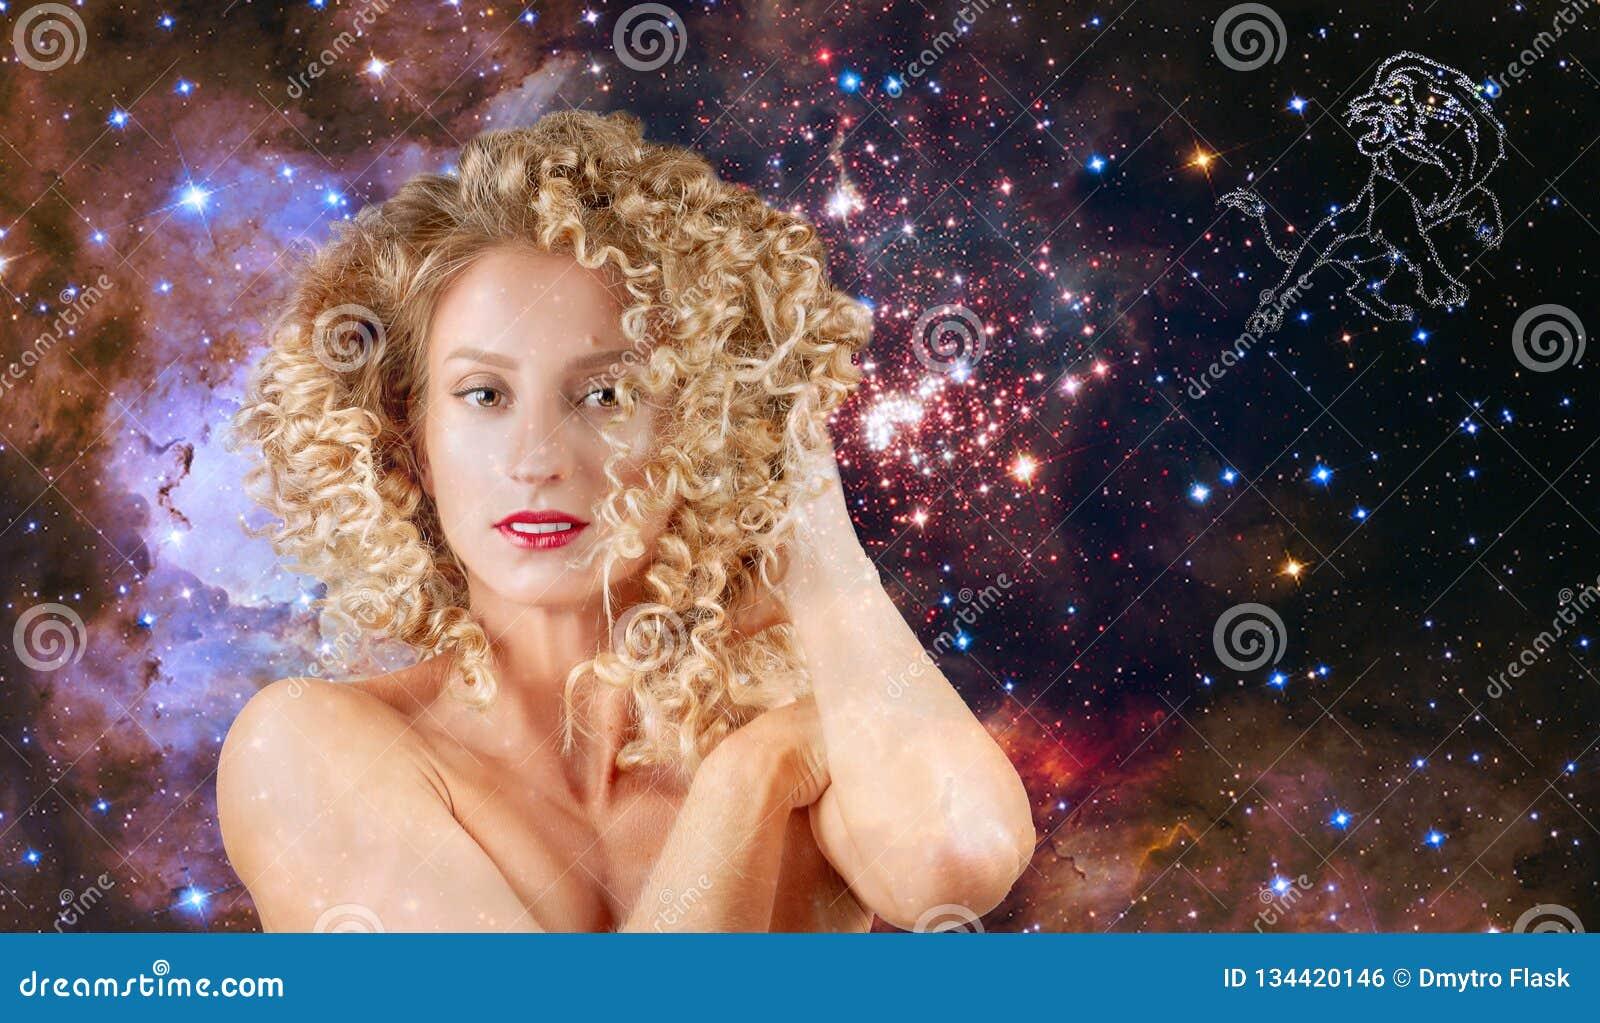 Leo Zodiac Sign Astrologie et horoscope, belle femme Lion sur le fond de galaxie